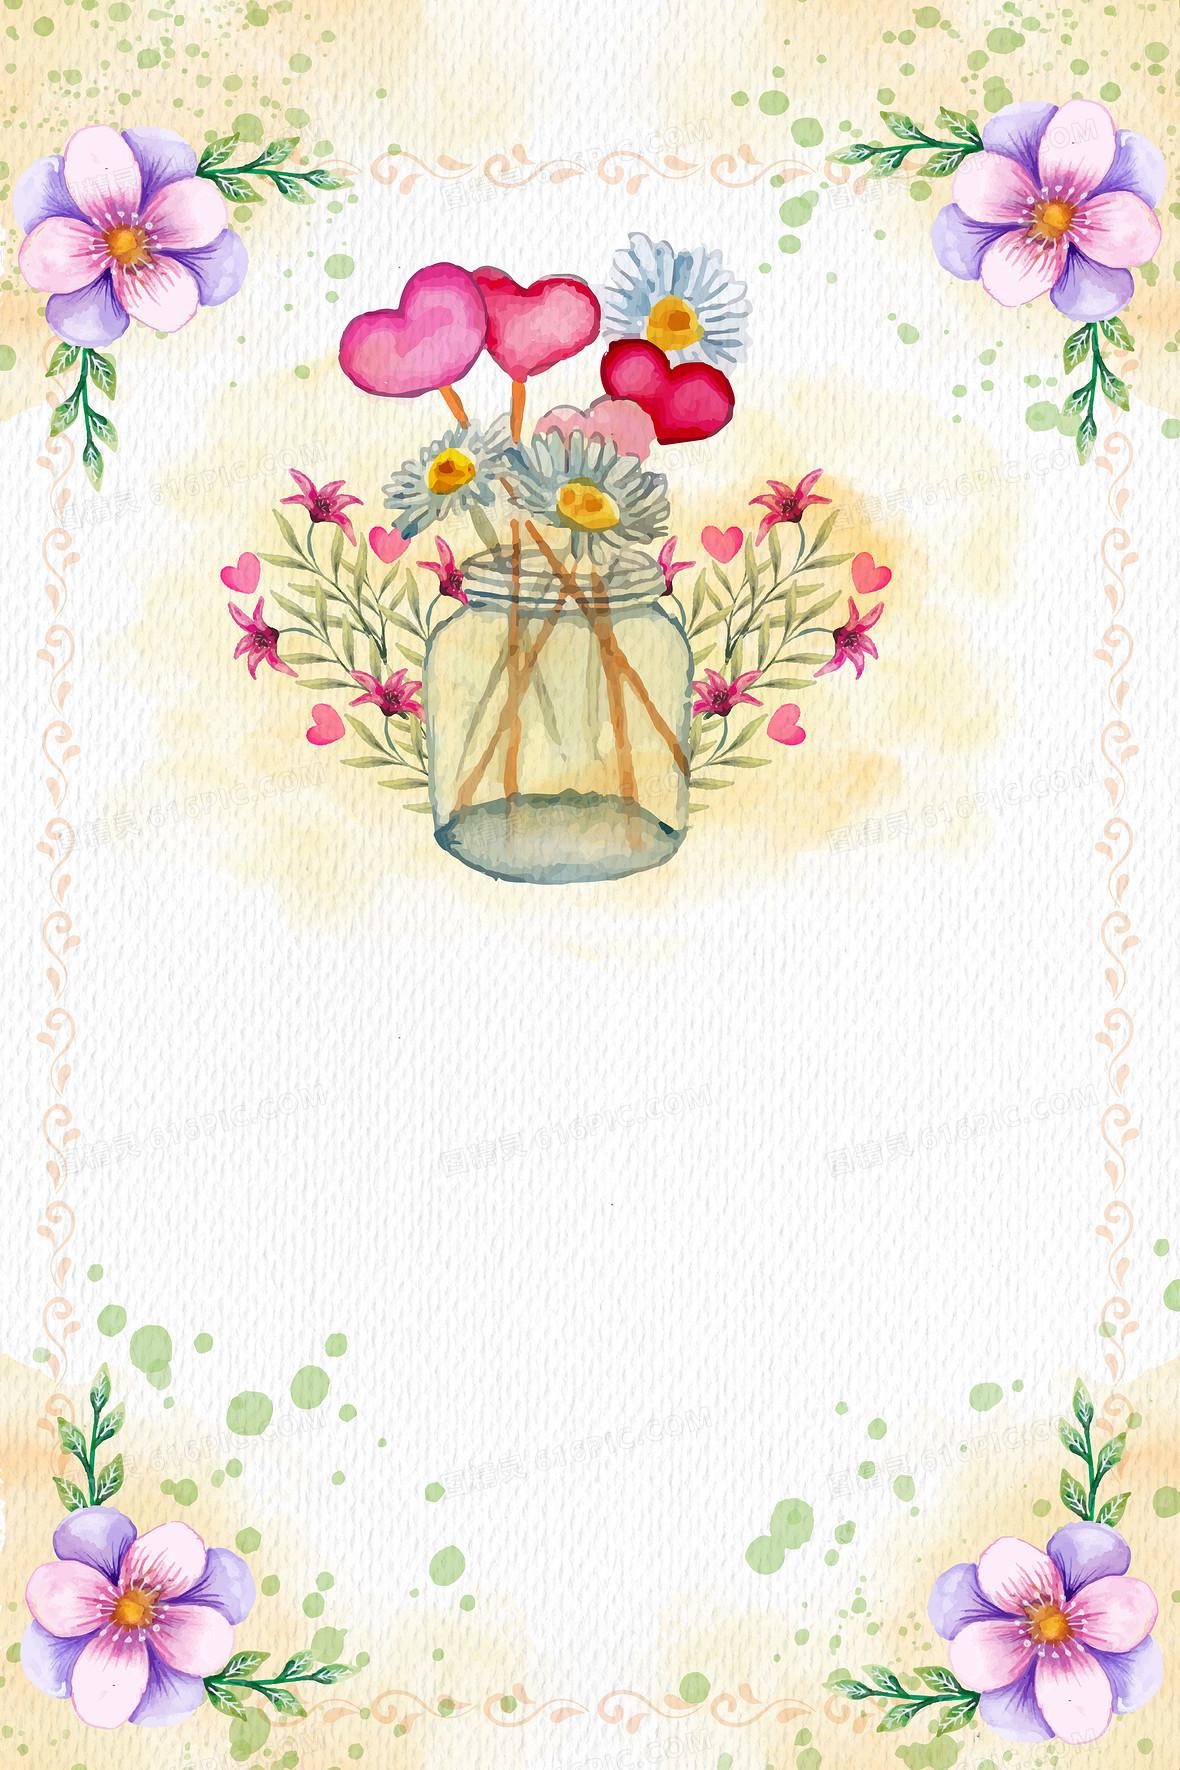 手绘复古鲜花店宣传海报背景素材